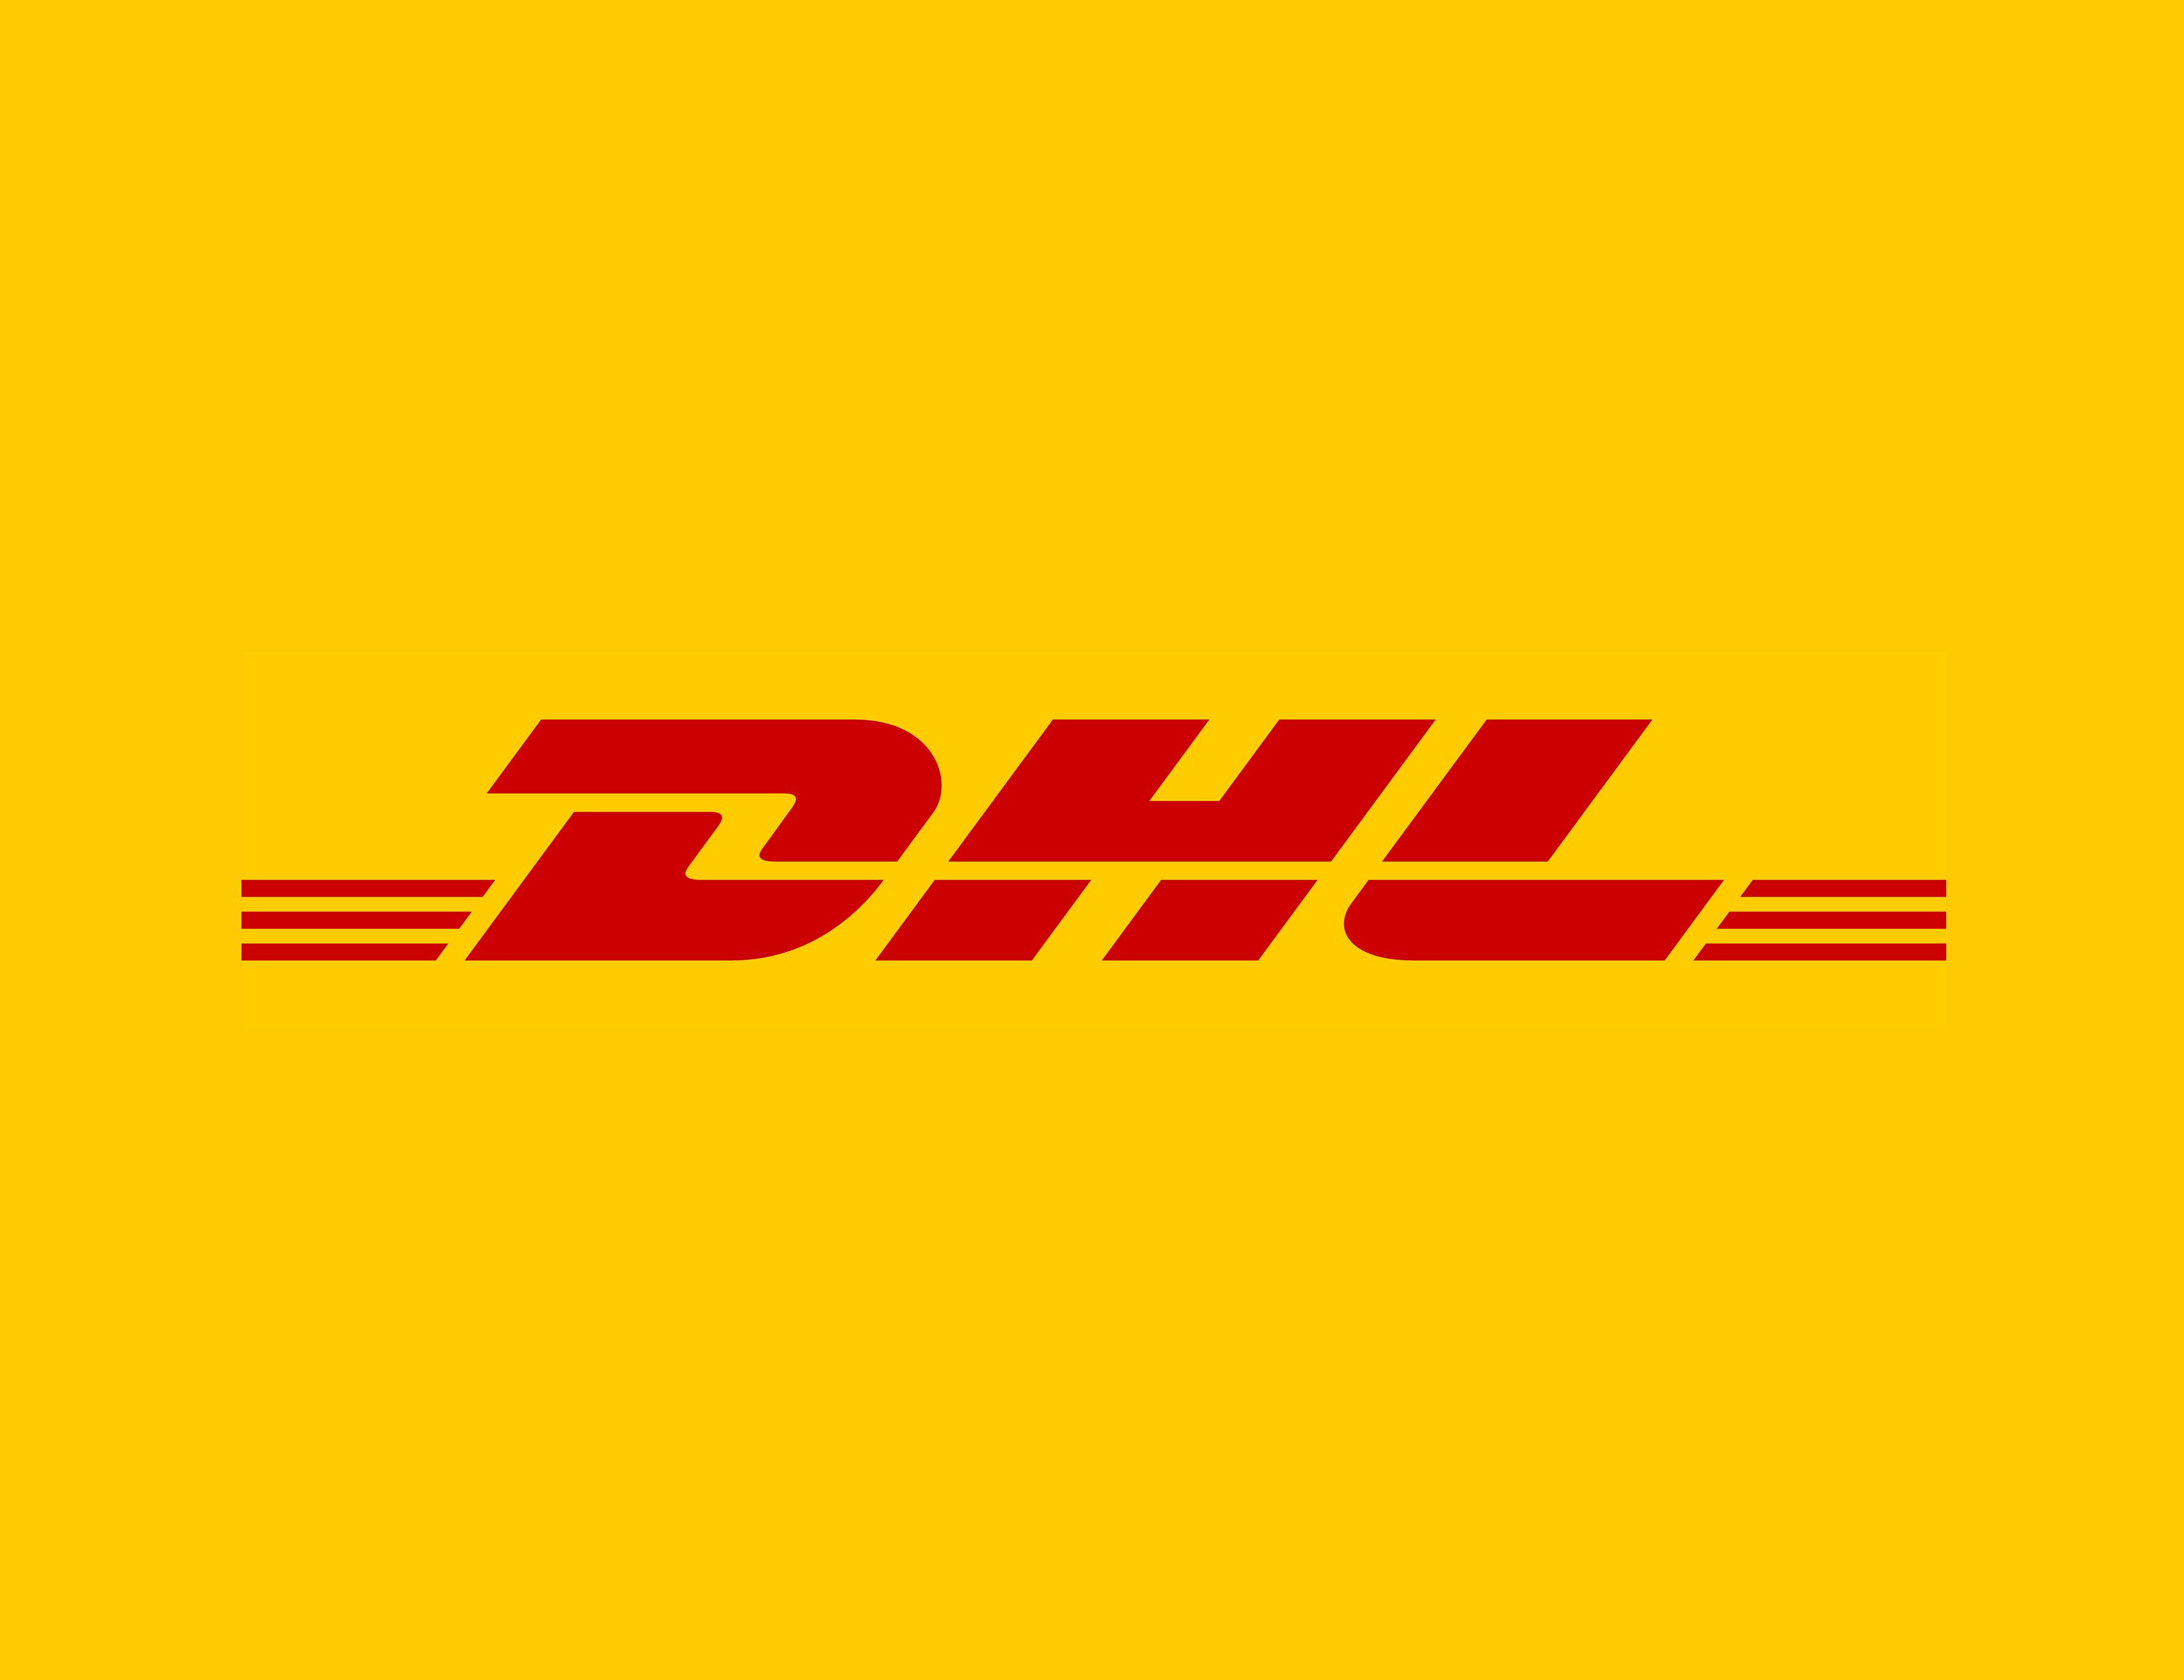 DHL_logo cuadro